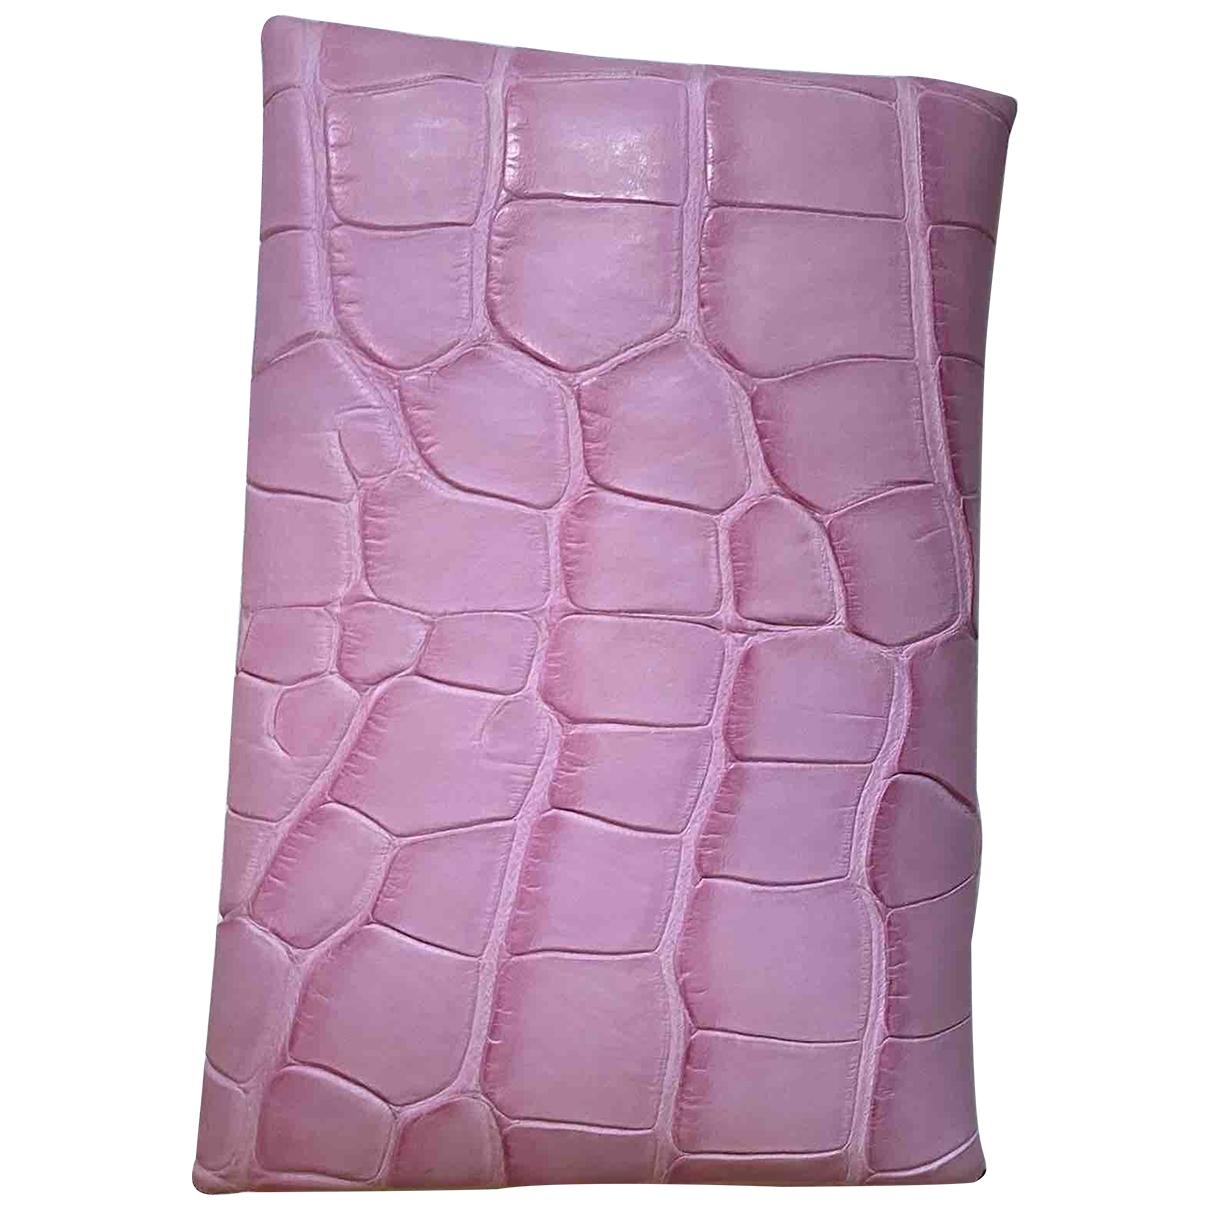 Hermes - Petite maroquinerie Calvi pour femme en cuir exotique - rose